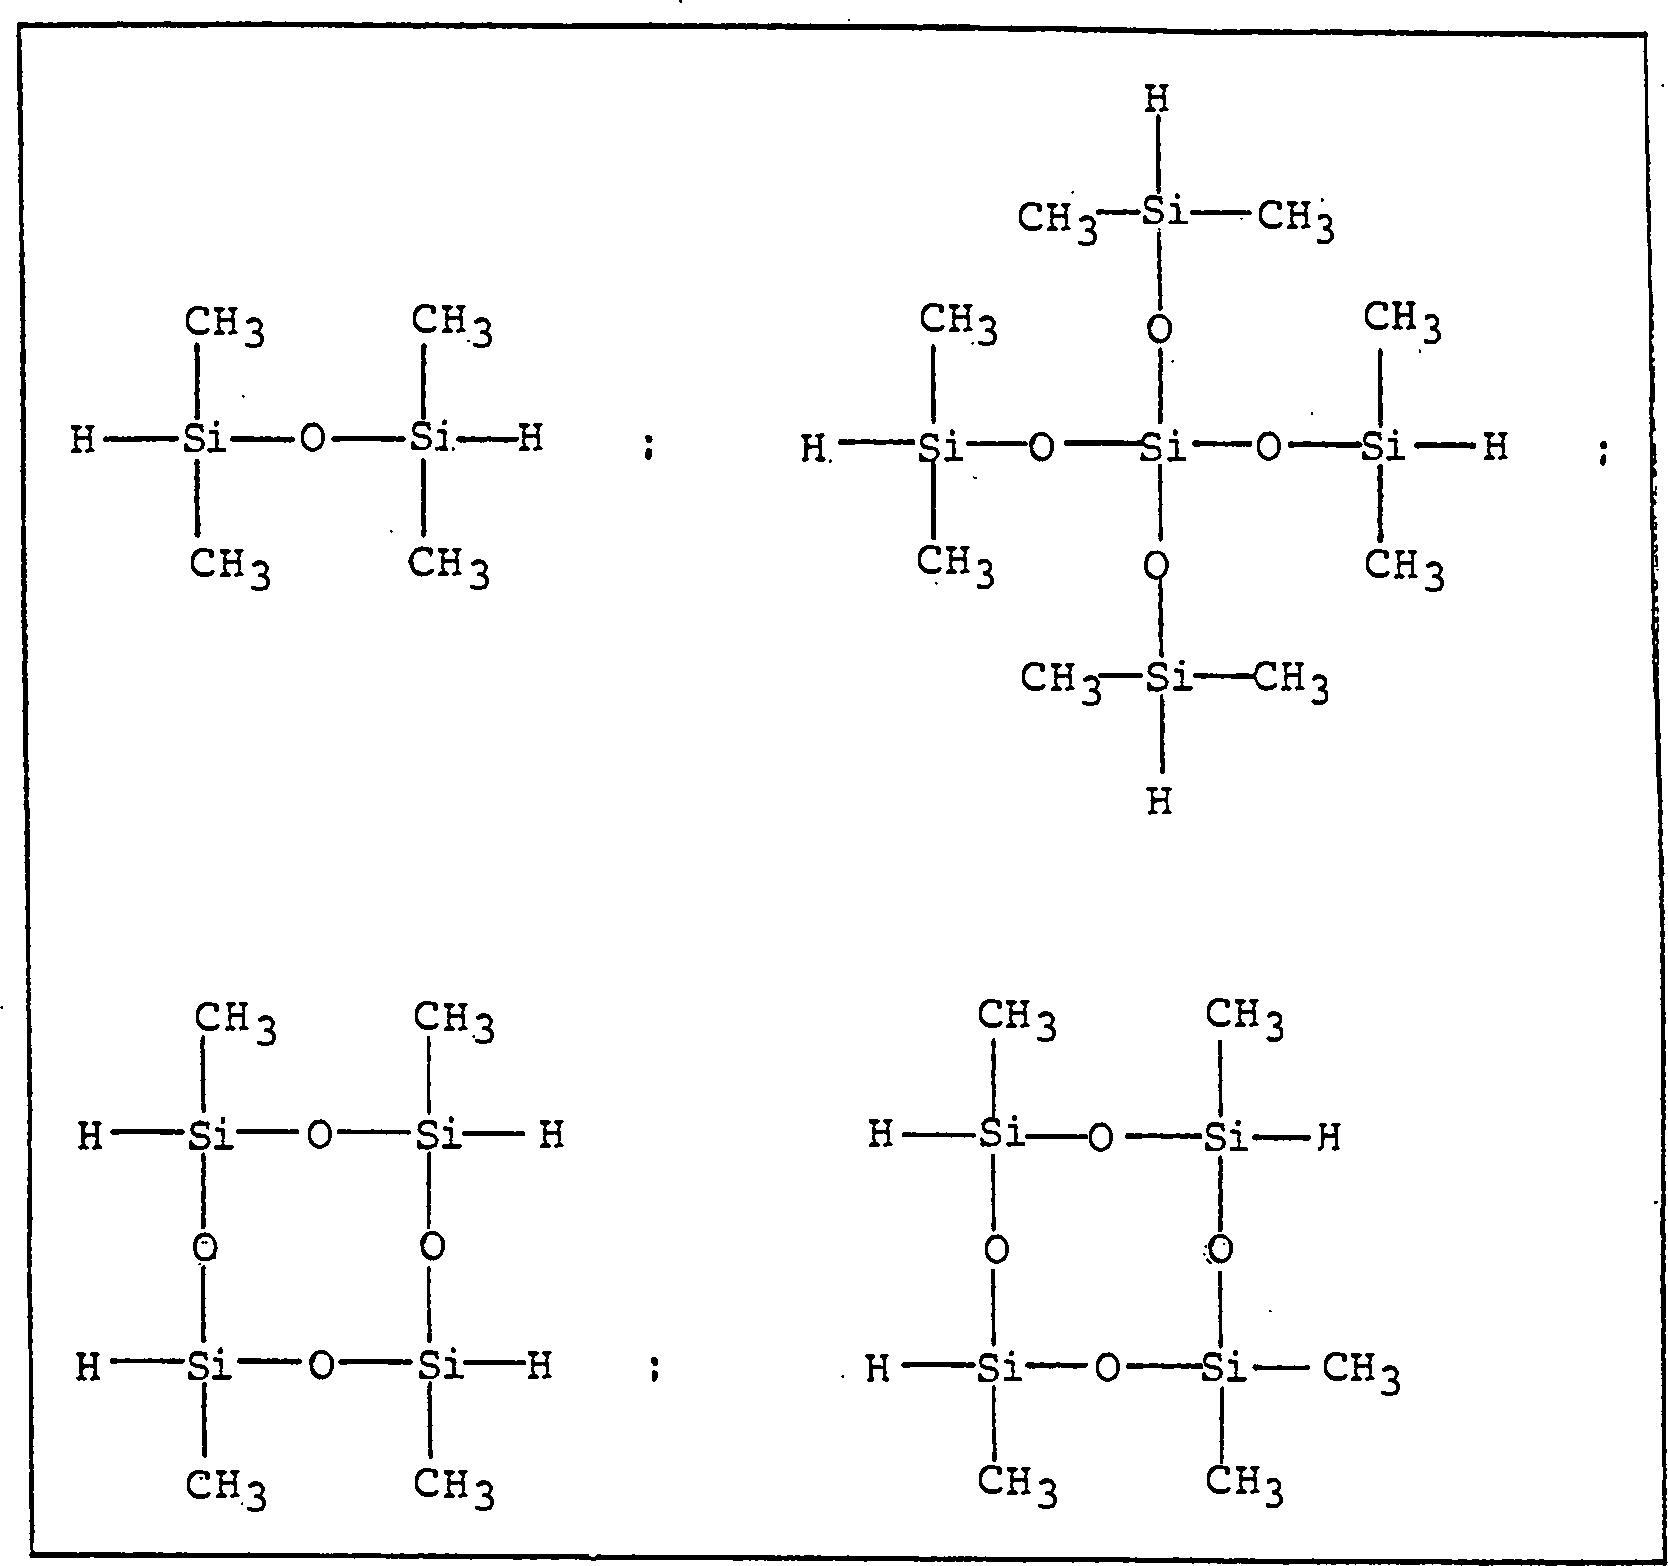 Figure DE000019719438C5_0020